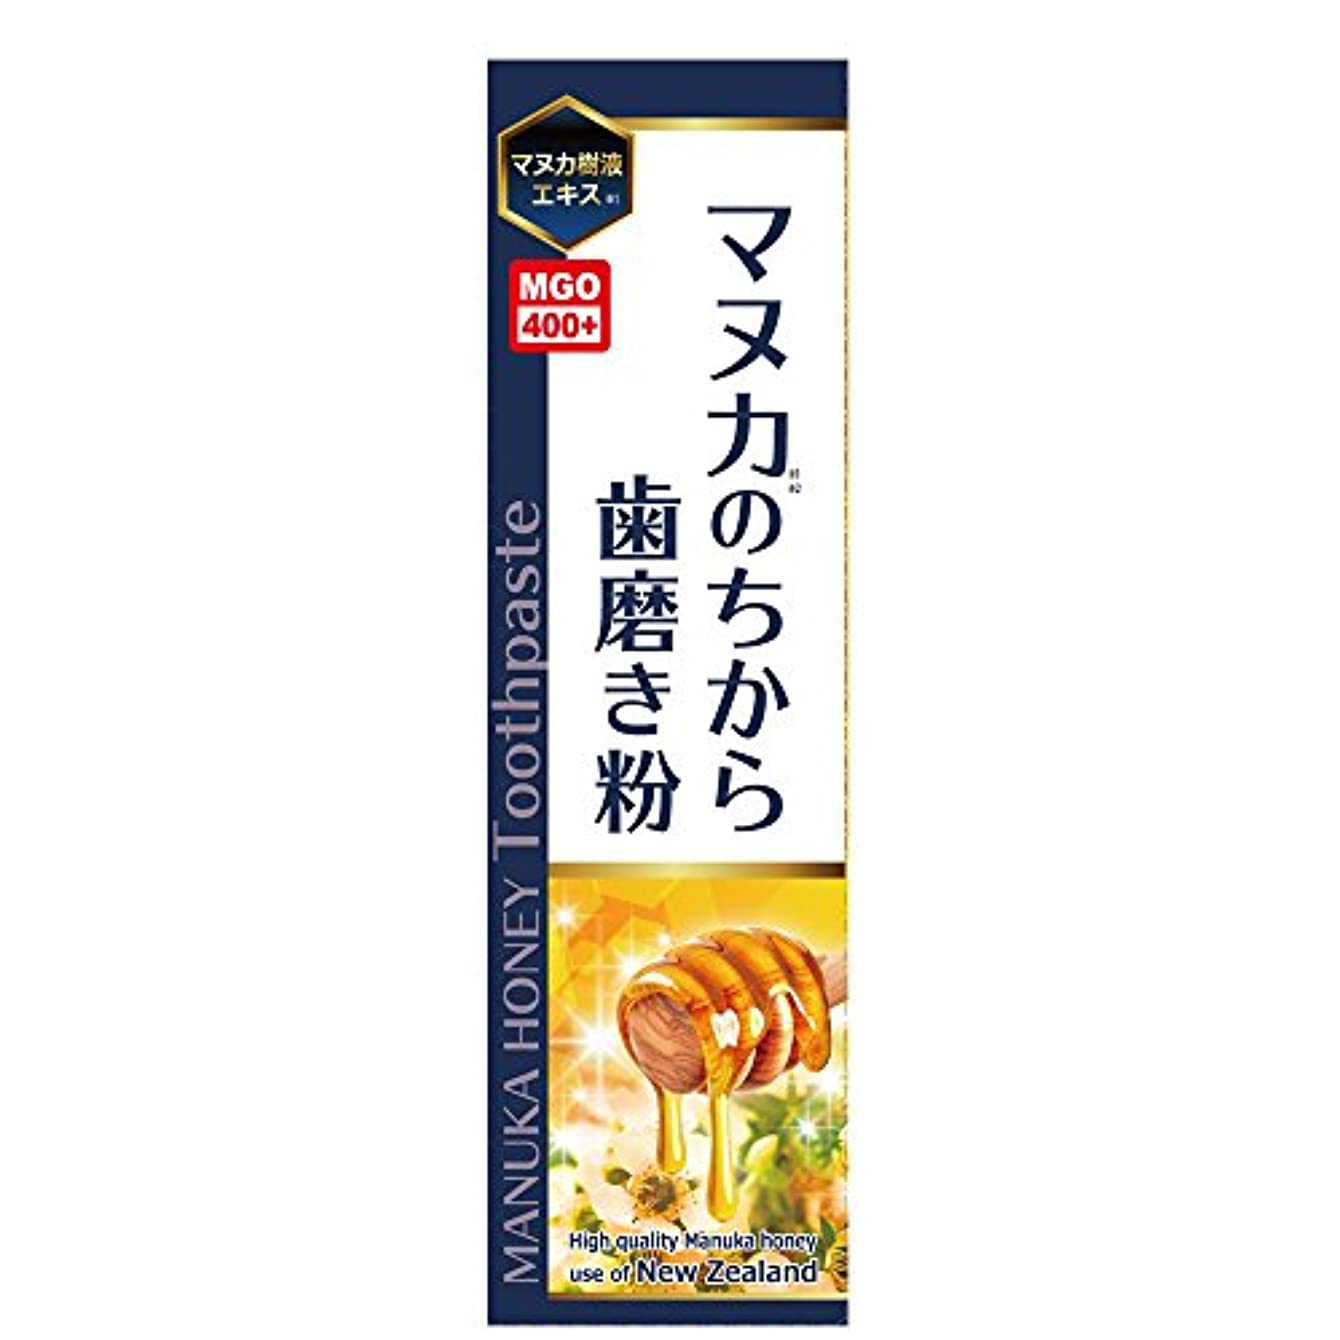 副産物タンクポルトガル語マヌカのちから歯磨き粉 ハチミツレモン味 100g